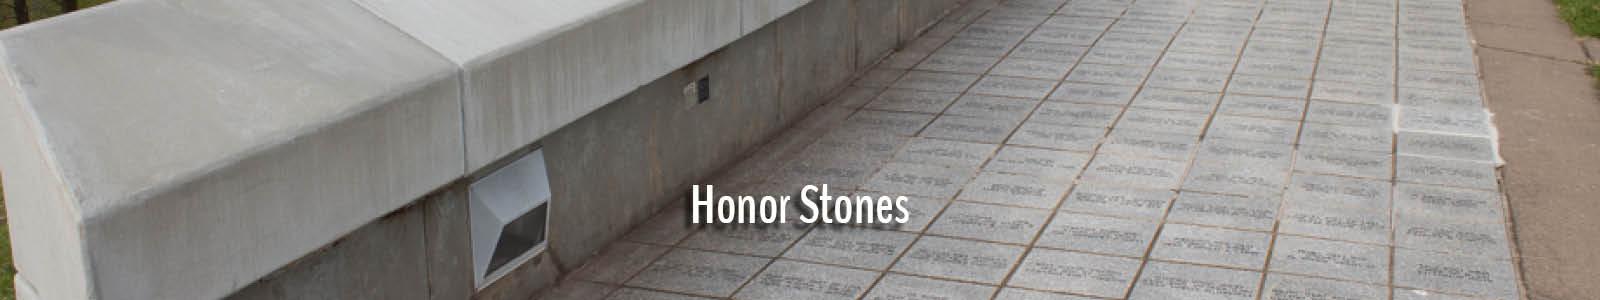 - HonorStones - Legacy Honor Stones